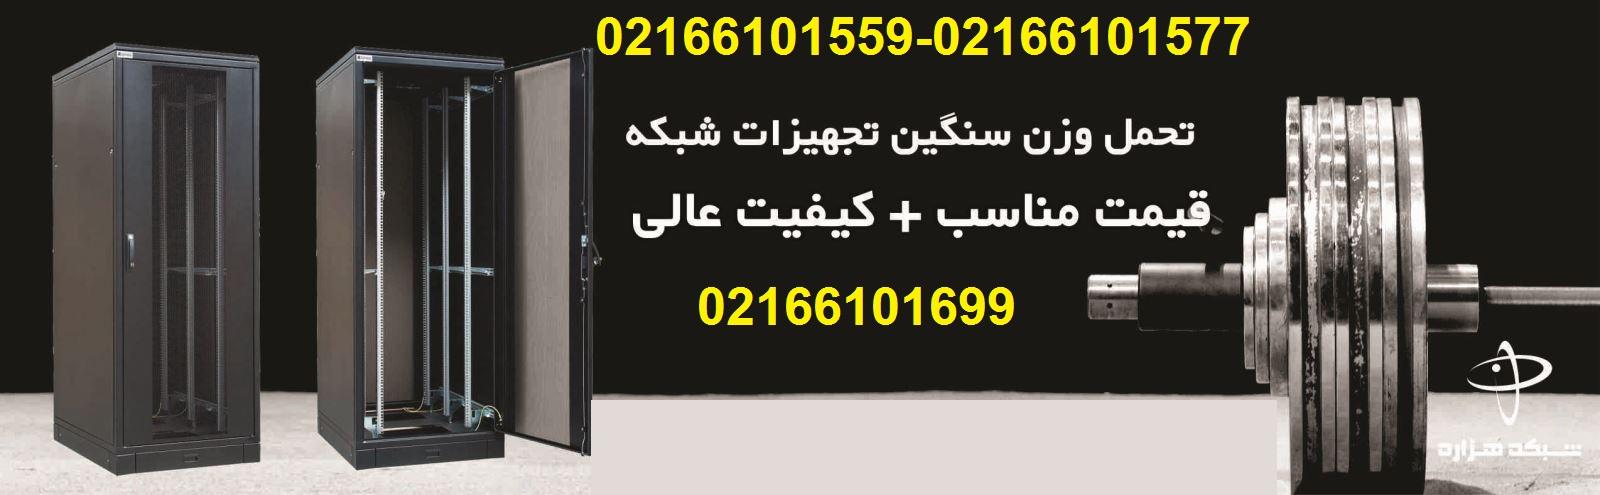 توليد کننده انواع رک  02166101577